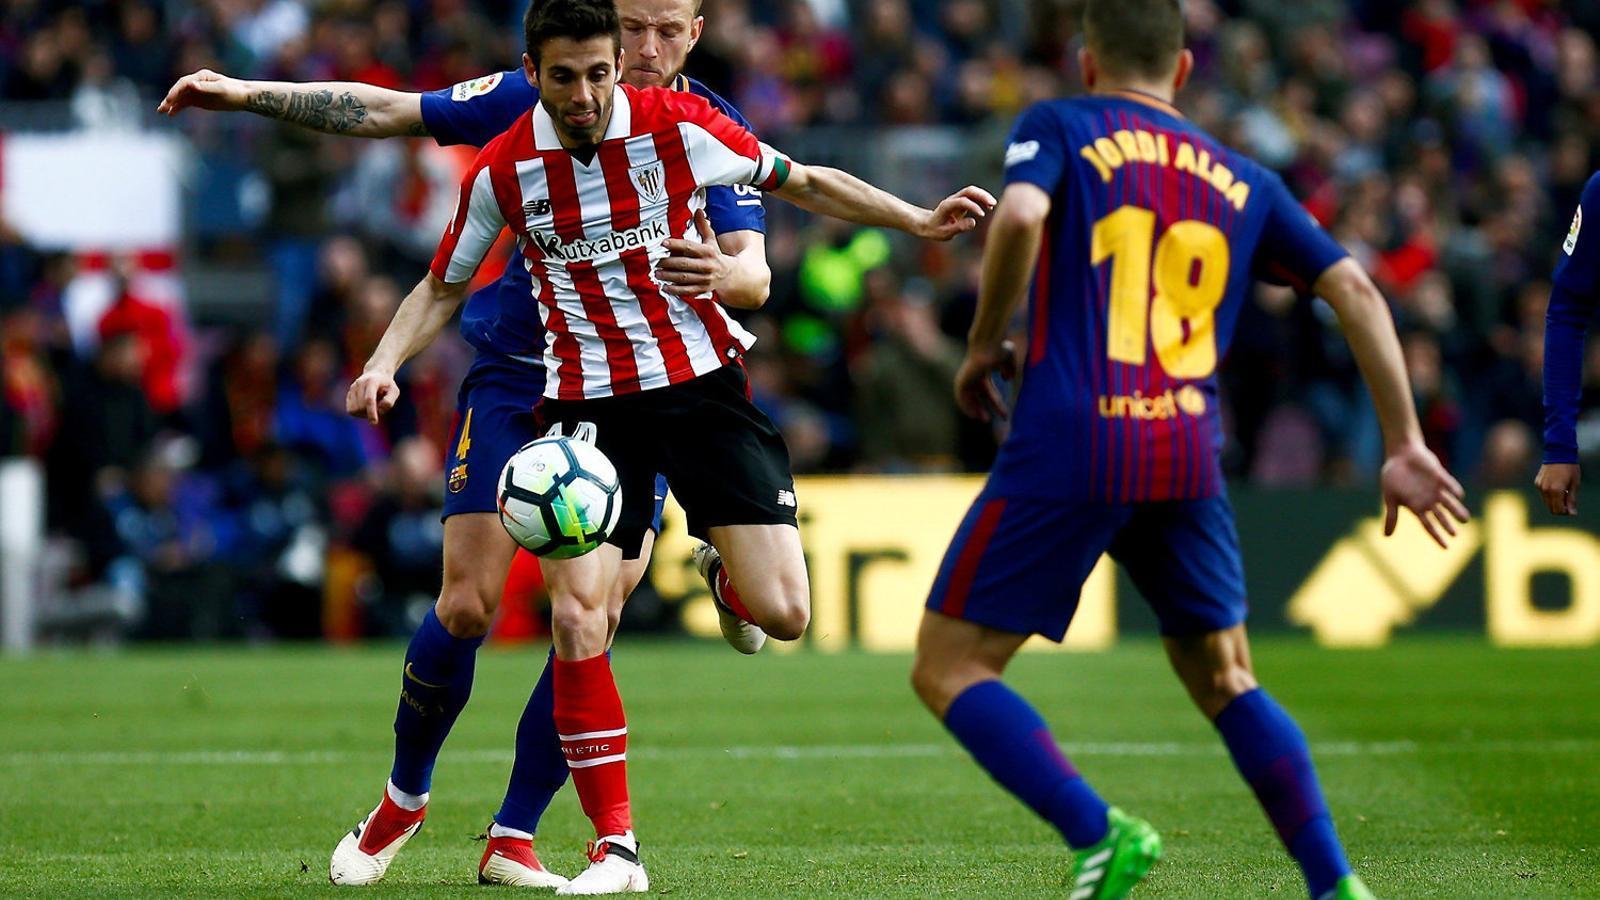 El Barça sense Busquets sap que pot estar tranquil amb Rakitic